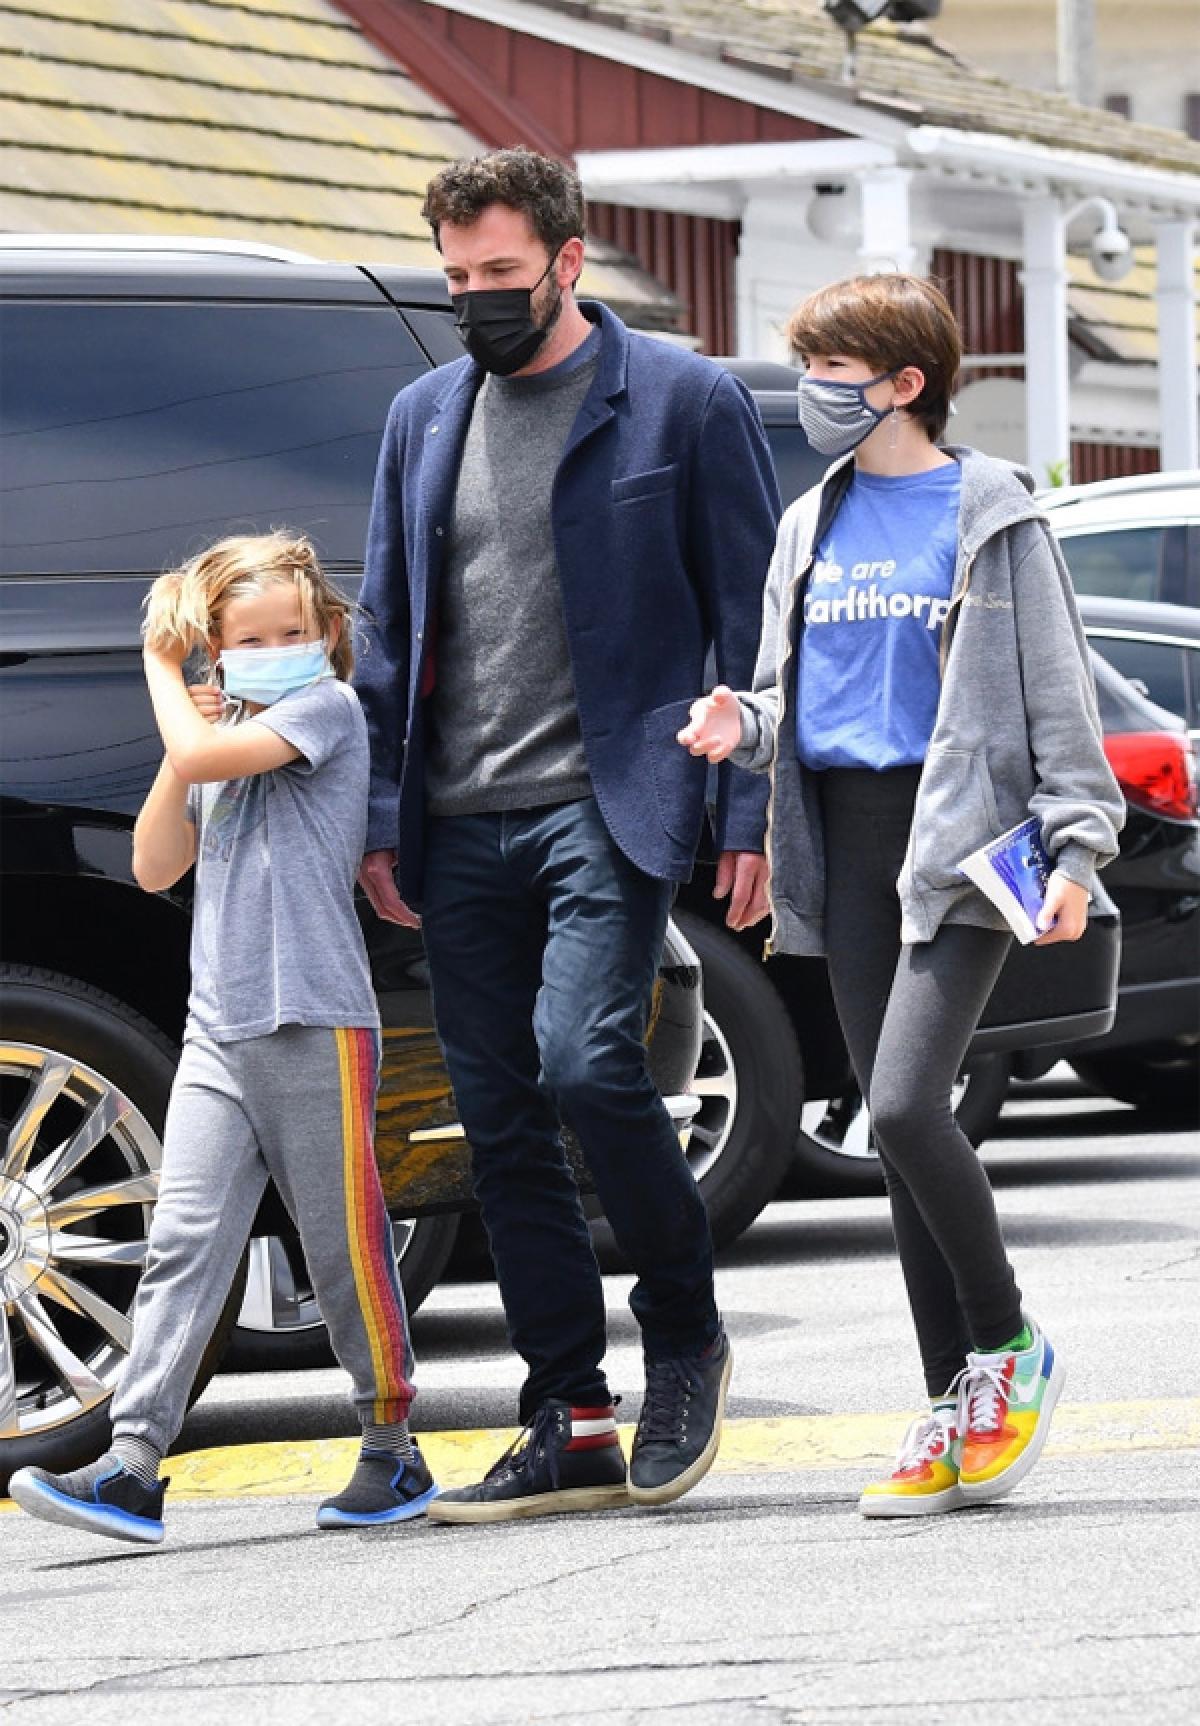 Nam diễn viên vui vẻ trò chuyện cùng các con trên phố.